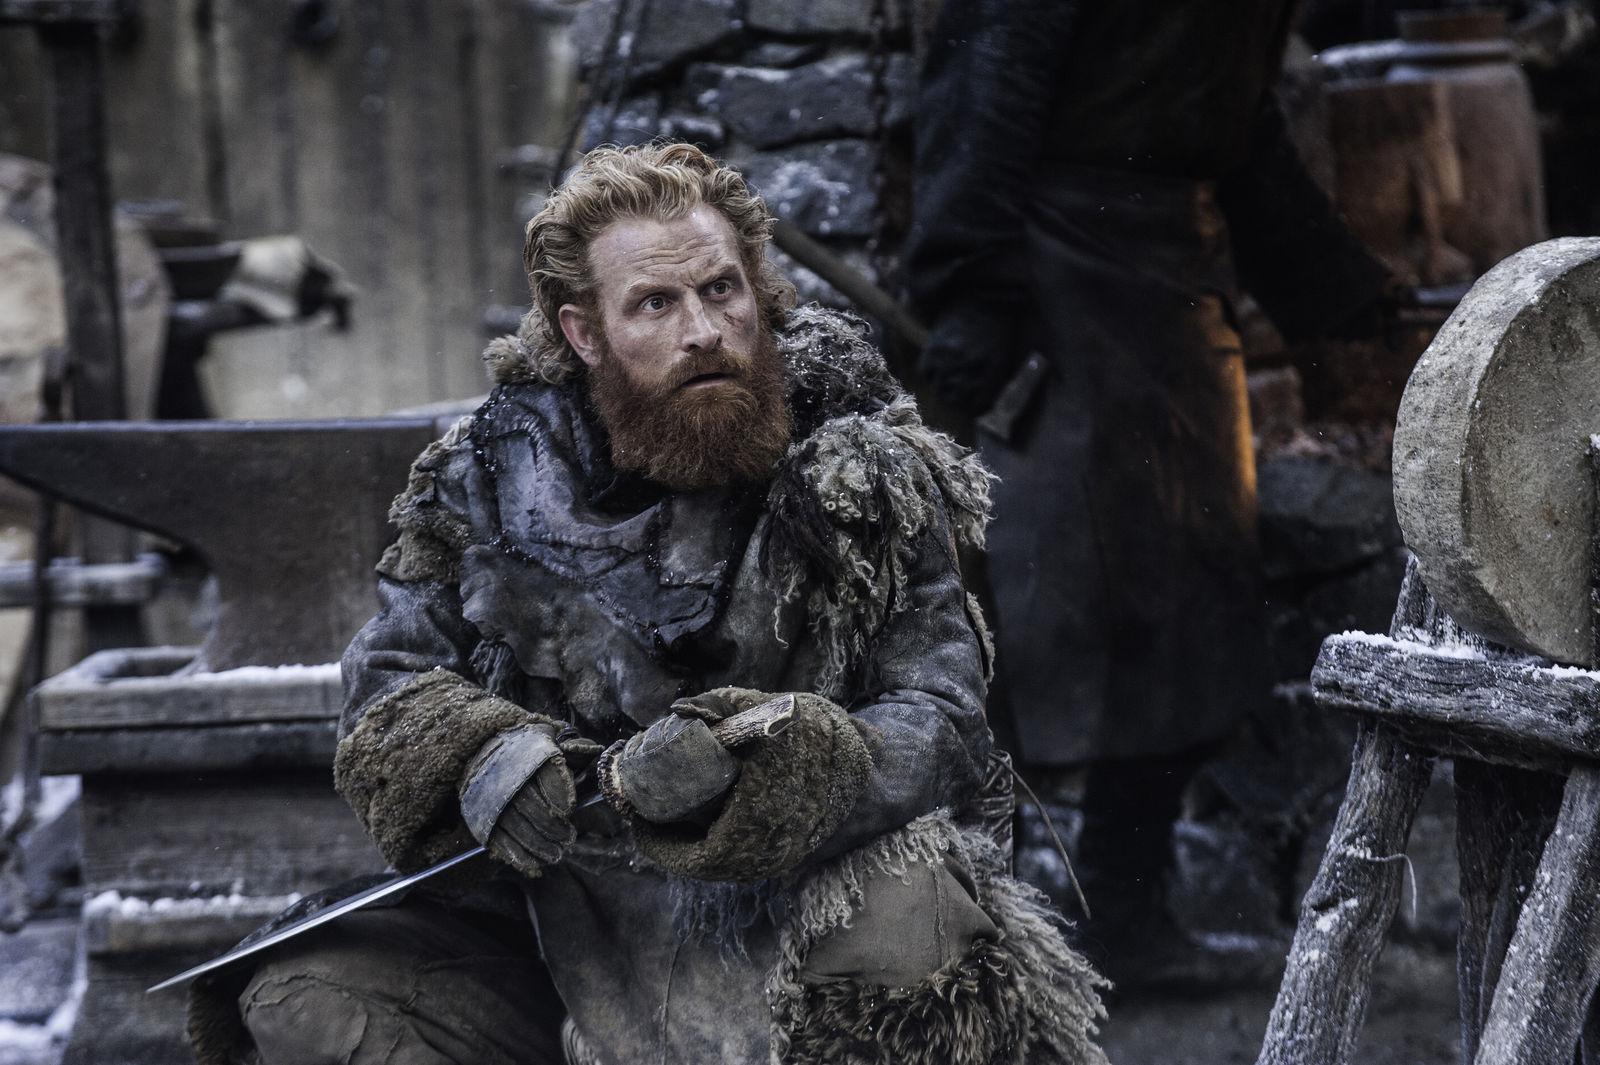 HBO Nordic var litt ivrige på avtrekkeren og la ut episode 5 av Game of Thrones en dag for tidlig.